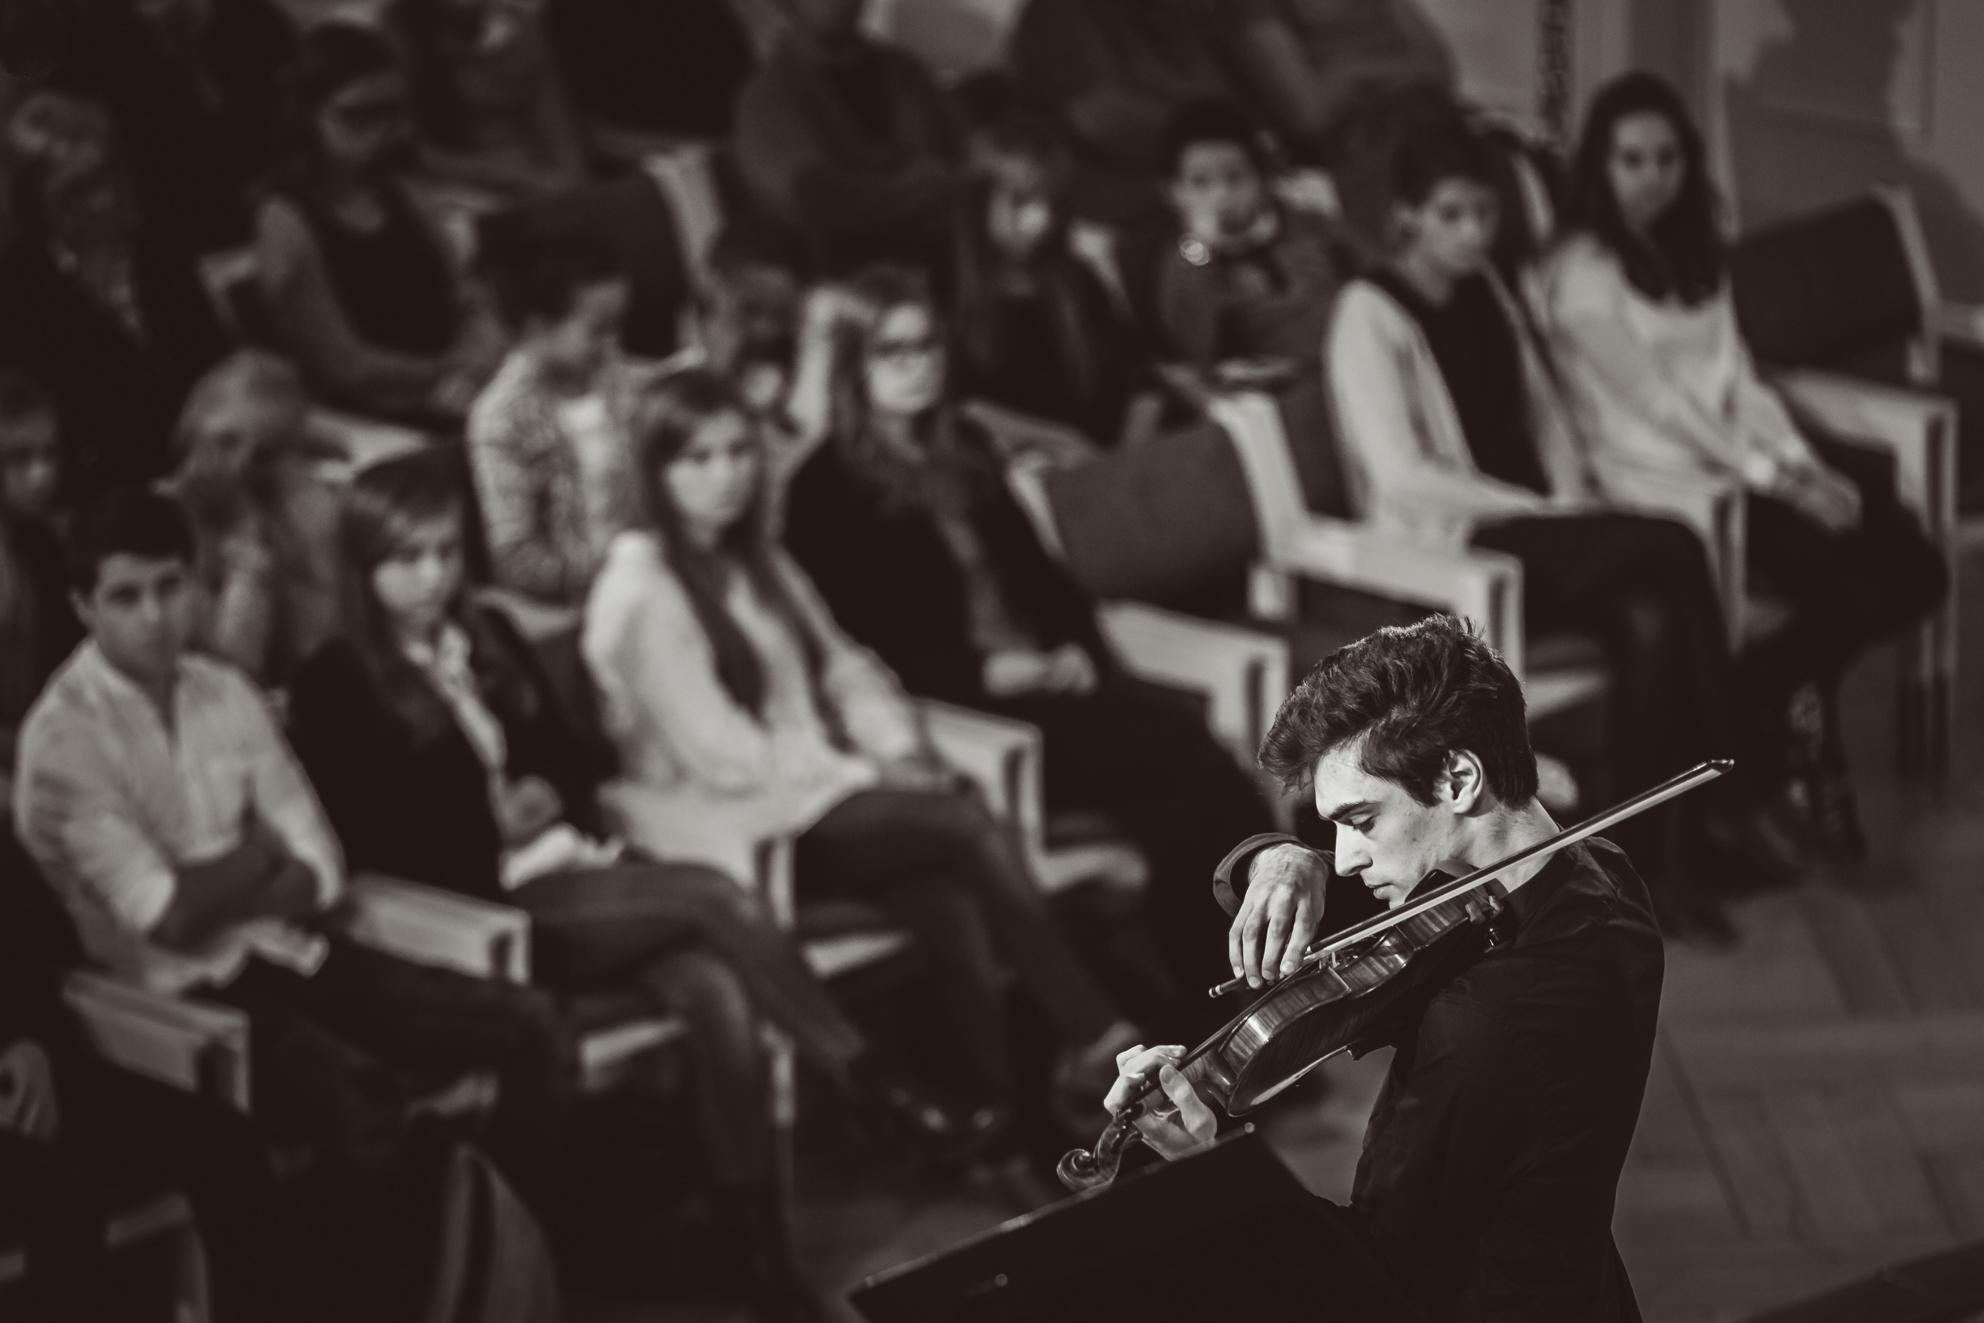 Semion Gurevich (Rosja) - Etap 1 - 15. Międzynarodowy Konkurs Skrzypcowy im. H. Wieniawskiego BINAURAL | na słuchawki